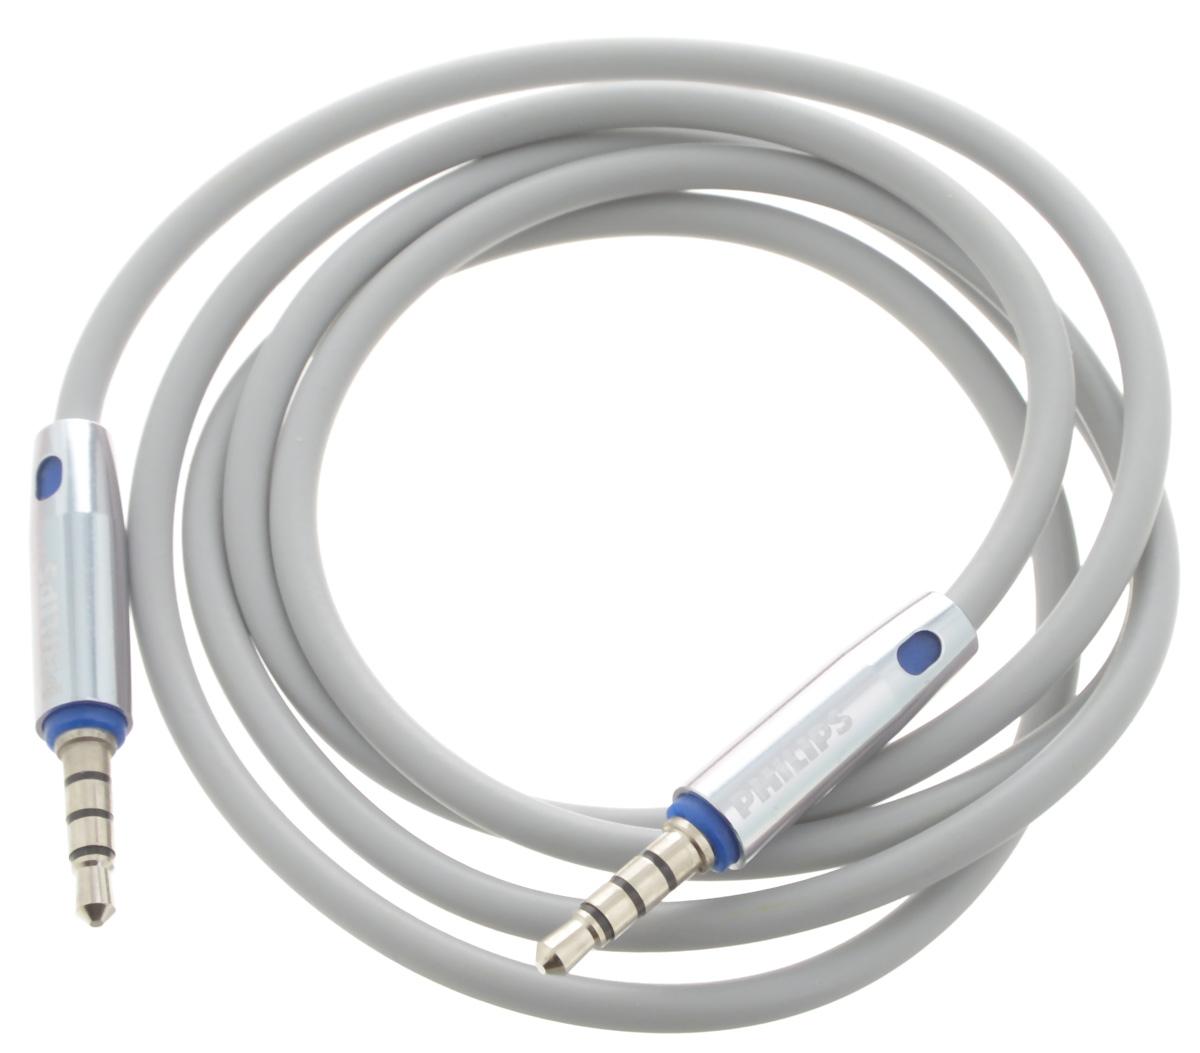 Главдор GL-395 аудиокабельGL-395Кабель Главдор GL-395 предназначен для подключения к штатной аудиосистеме автомобиля портативных звуковоспроизводящих устройств, через через разъем AUX таких как аудиоплеер iPod и прочих аналогичных устройств, имеющих соответствующий аудиовыход.